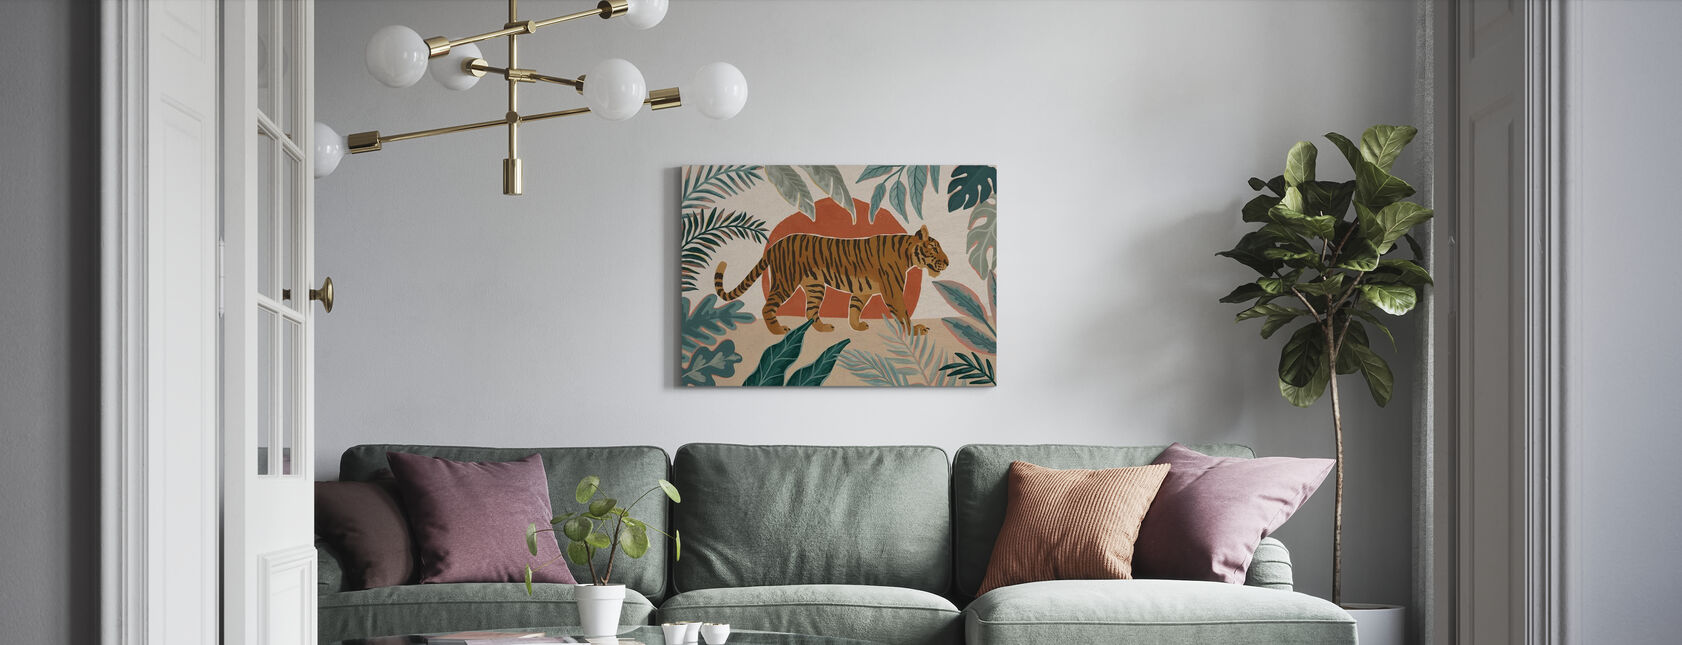 Bellezza Gatto Grande - Stampa su tela - Salotto